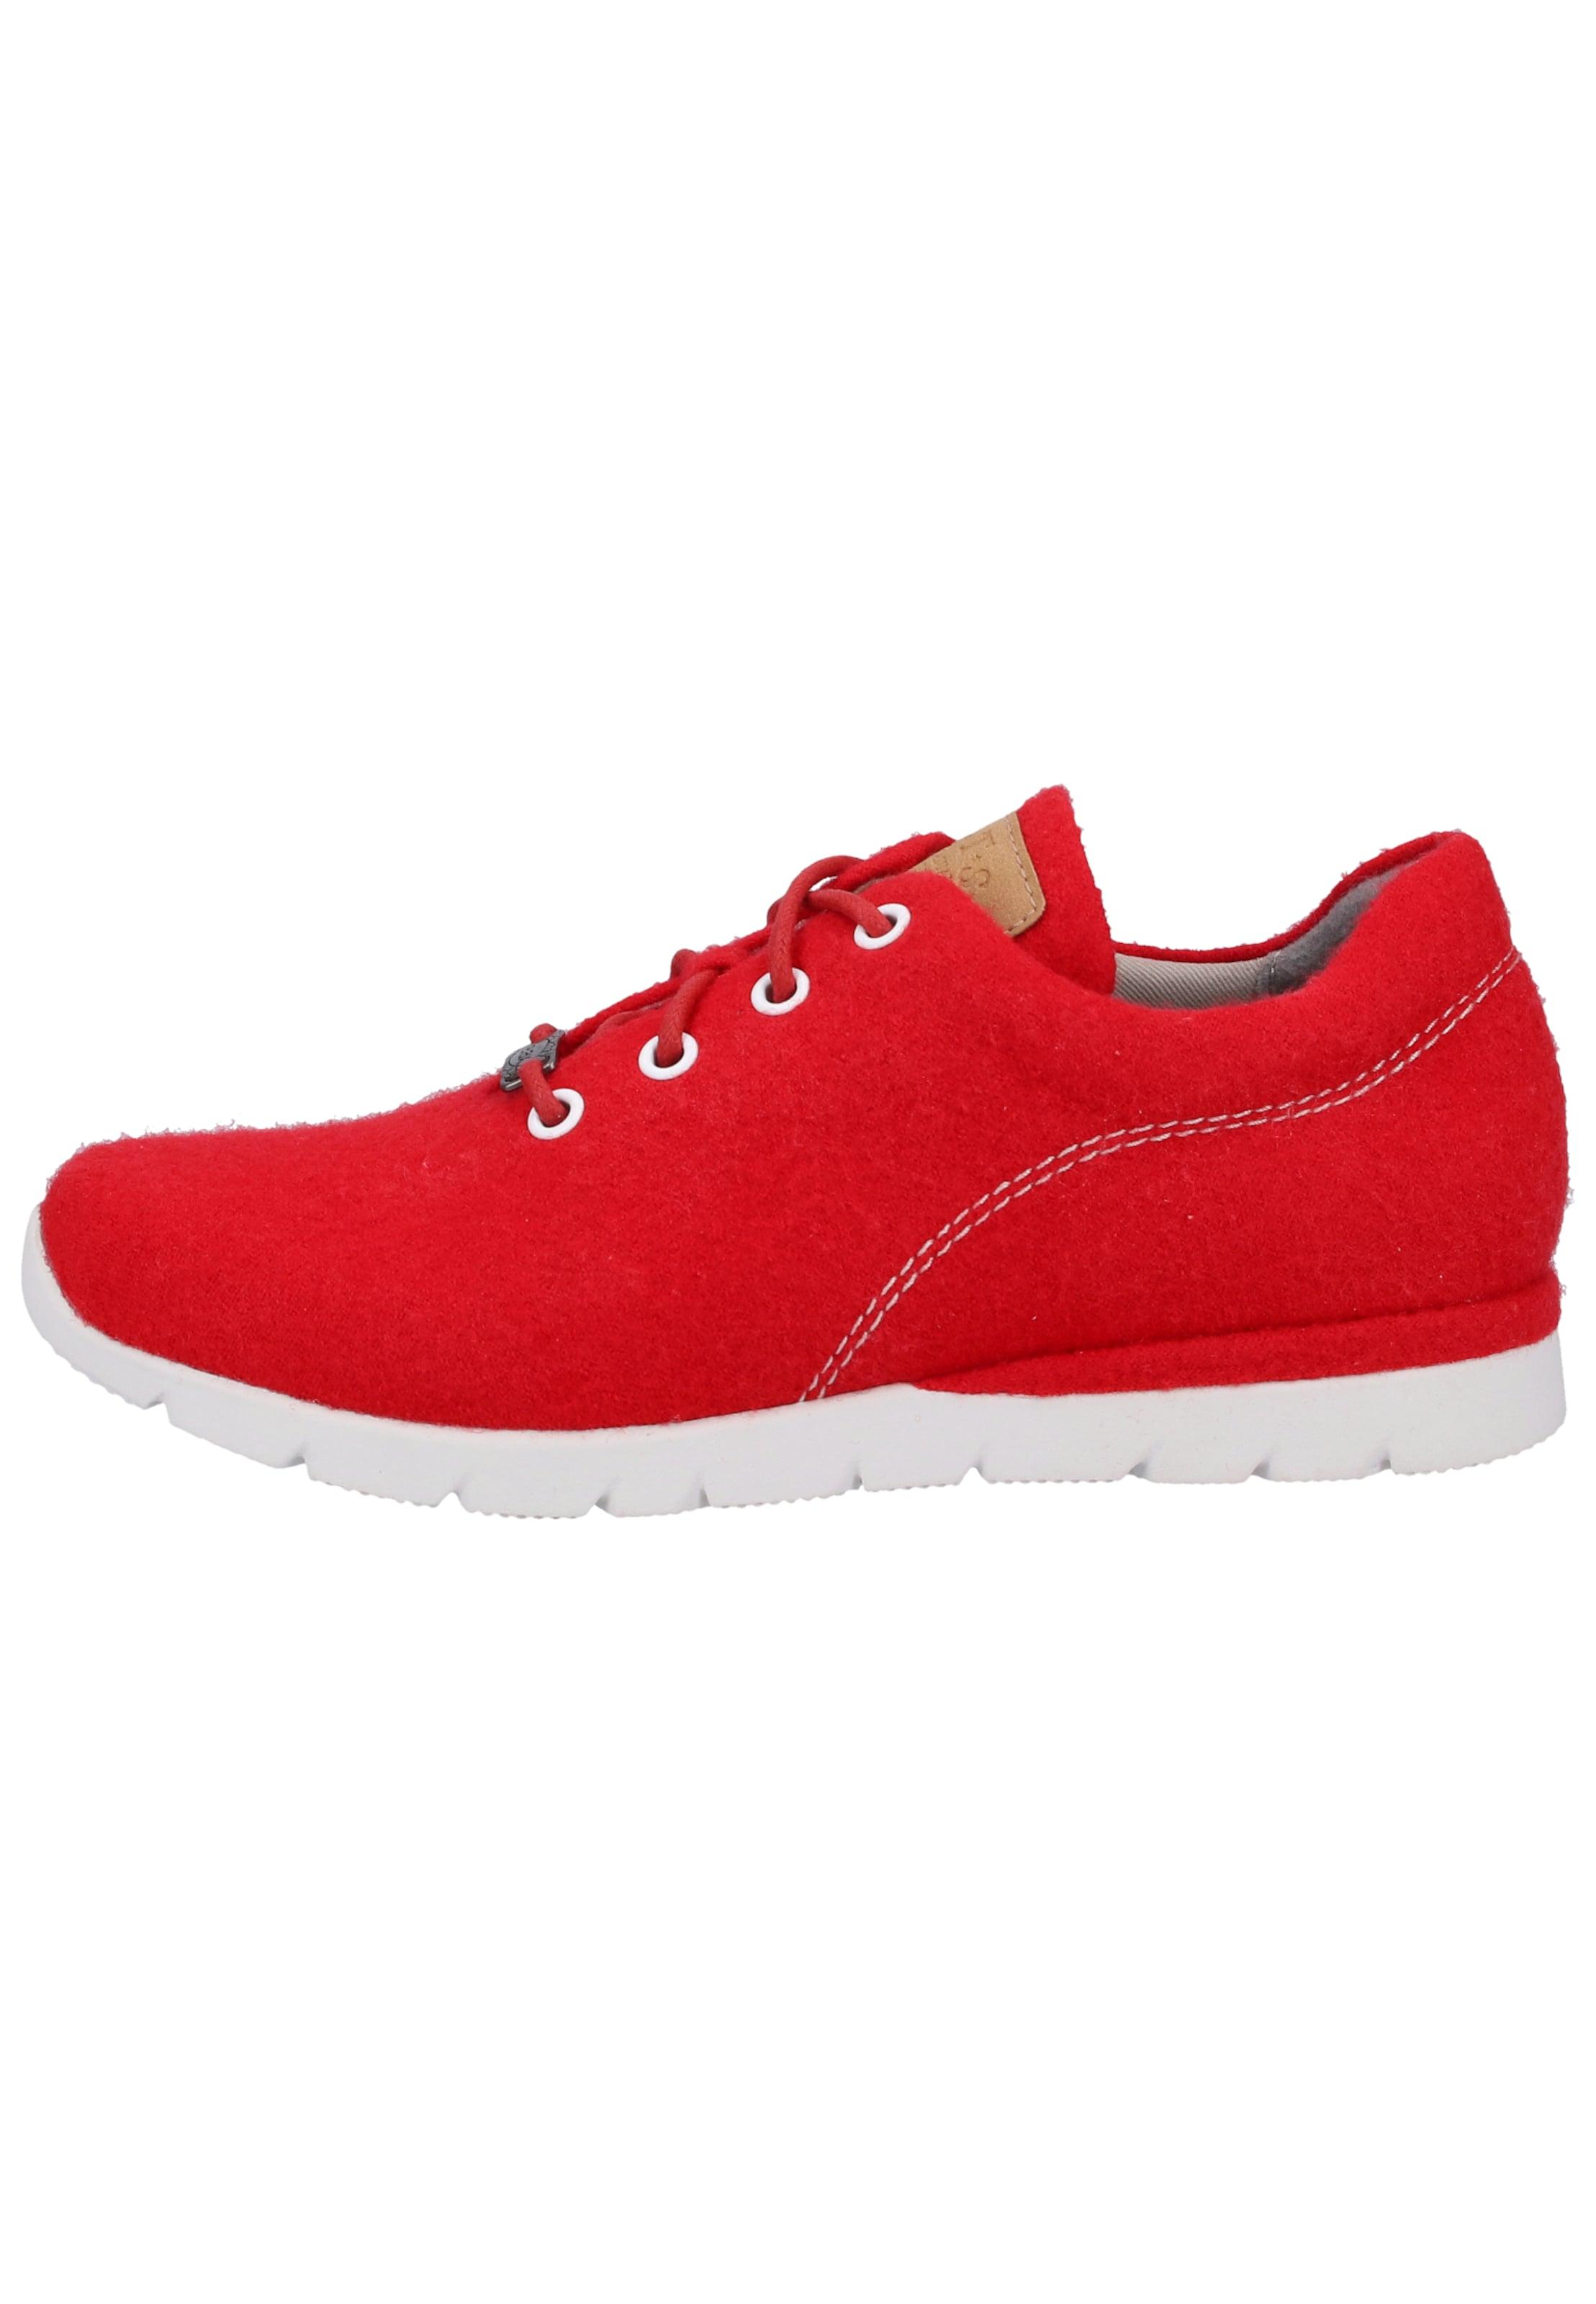 In In Rot Sneaker Rot Jana Sneaker Sneaker Jana Jana 2EYWeD9IHb